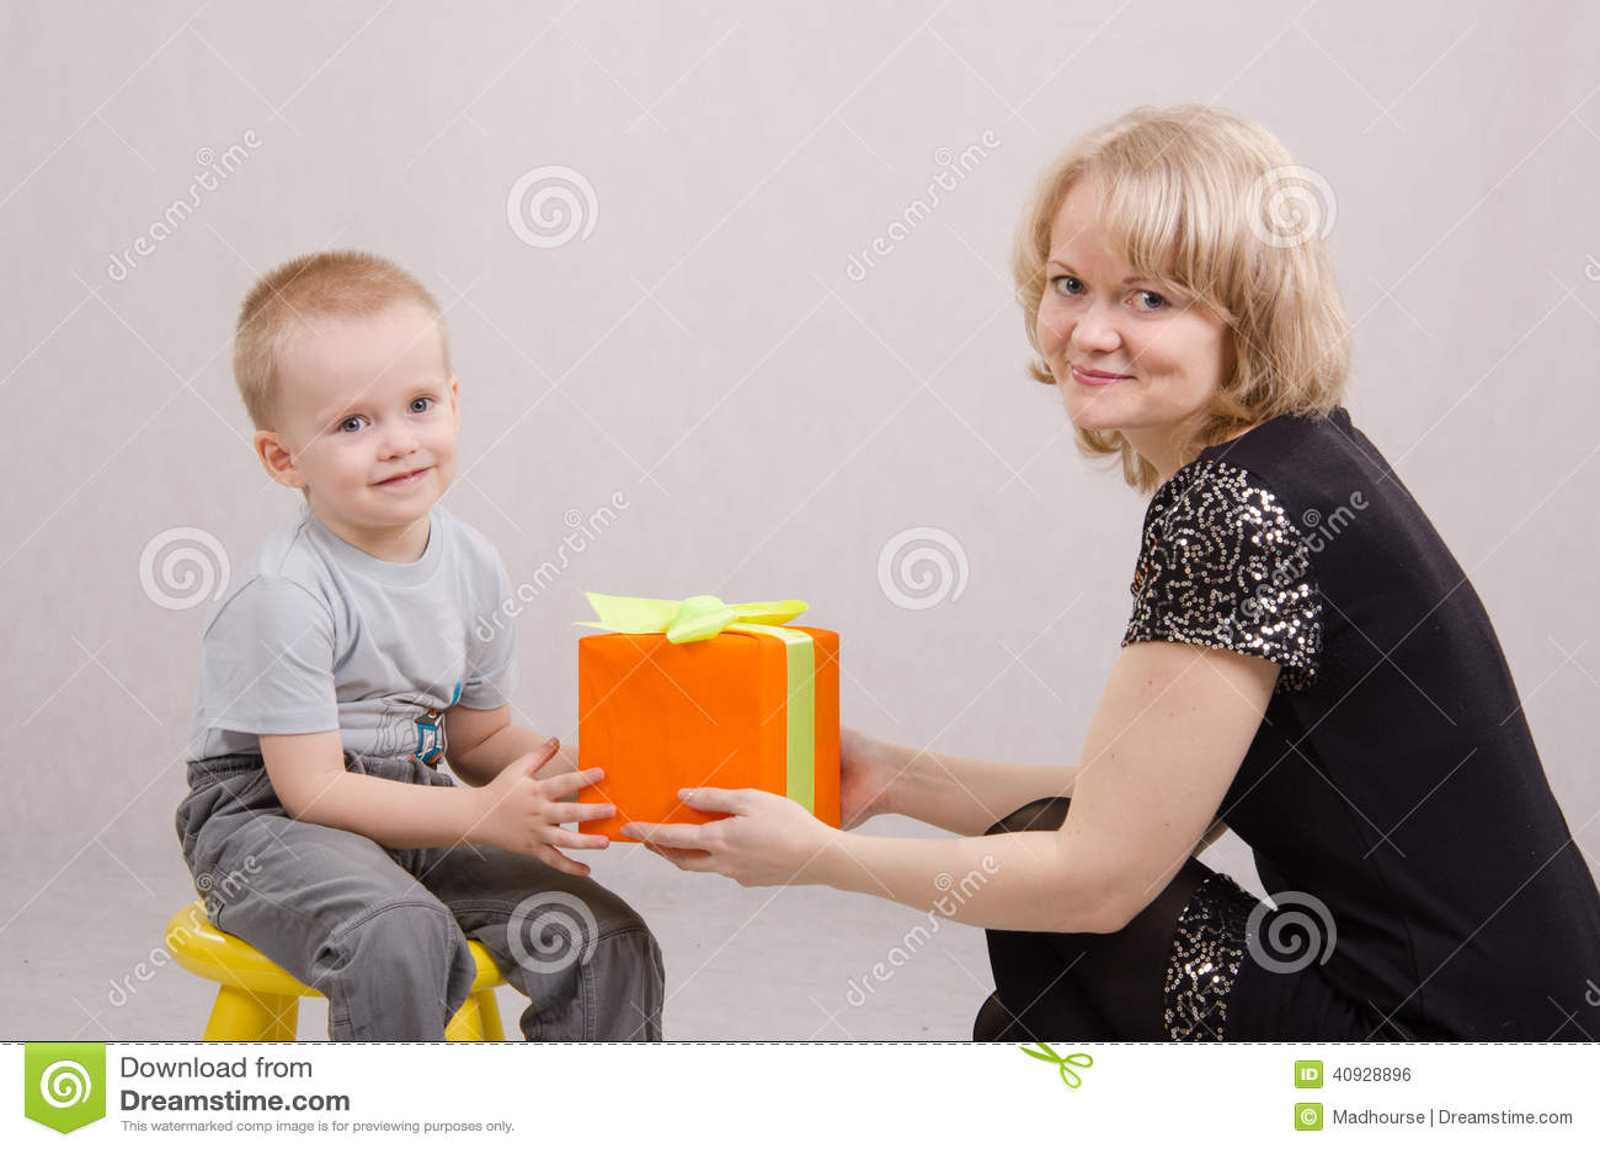 Imágenes: persona dando un regalo   madre dando de regalo